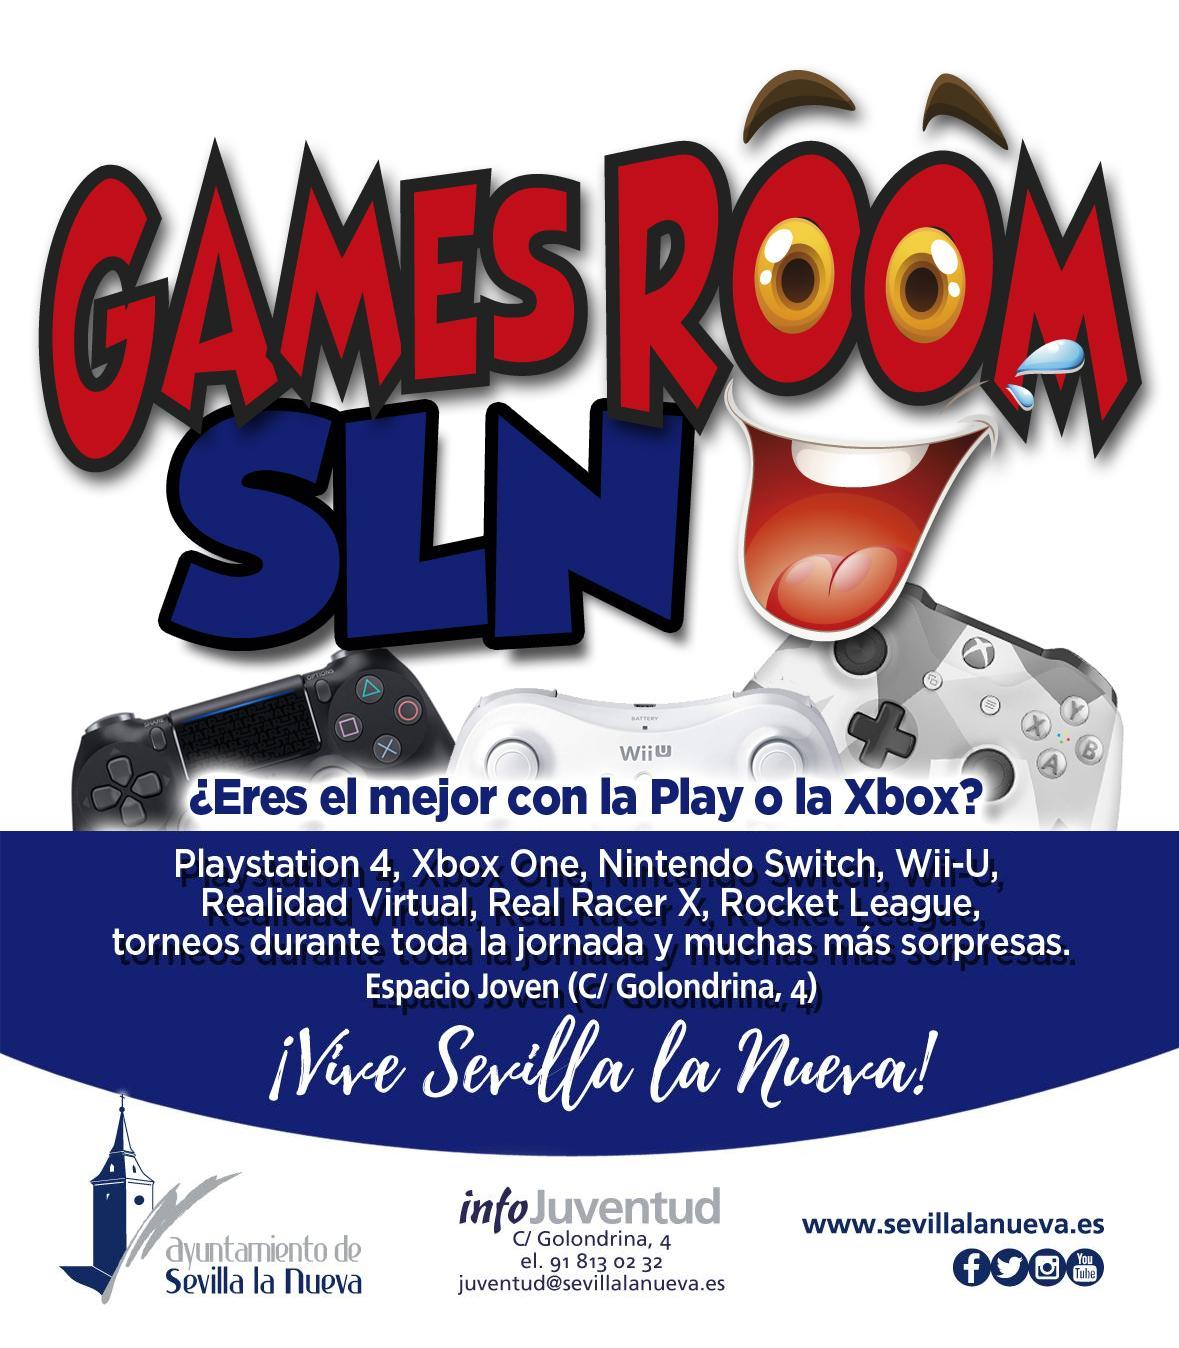 Games Room SLN Navidad @ Espacio Joven